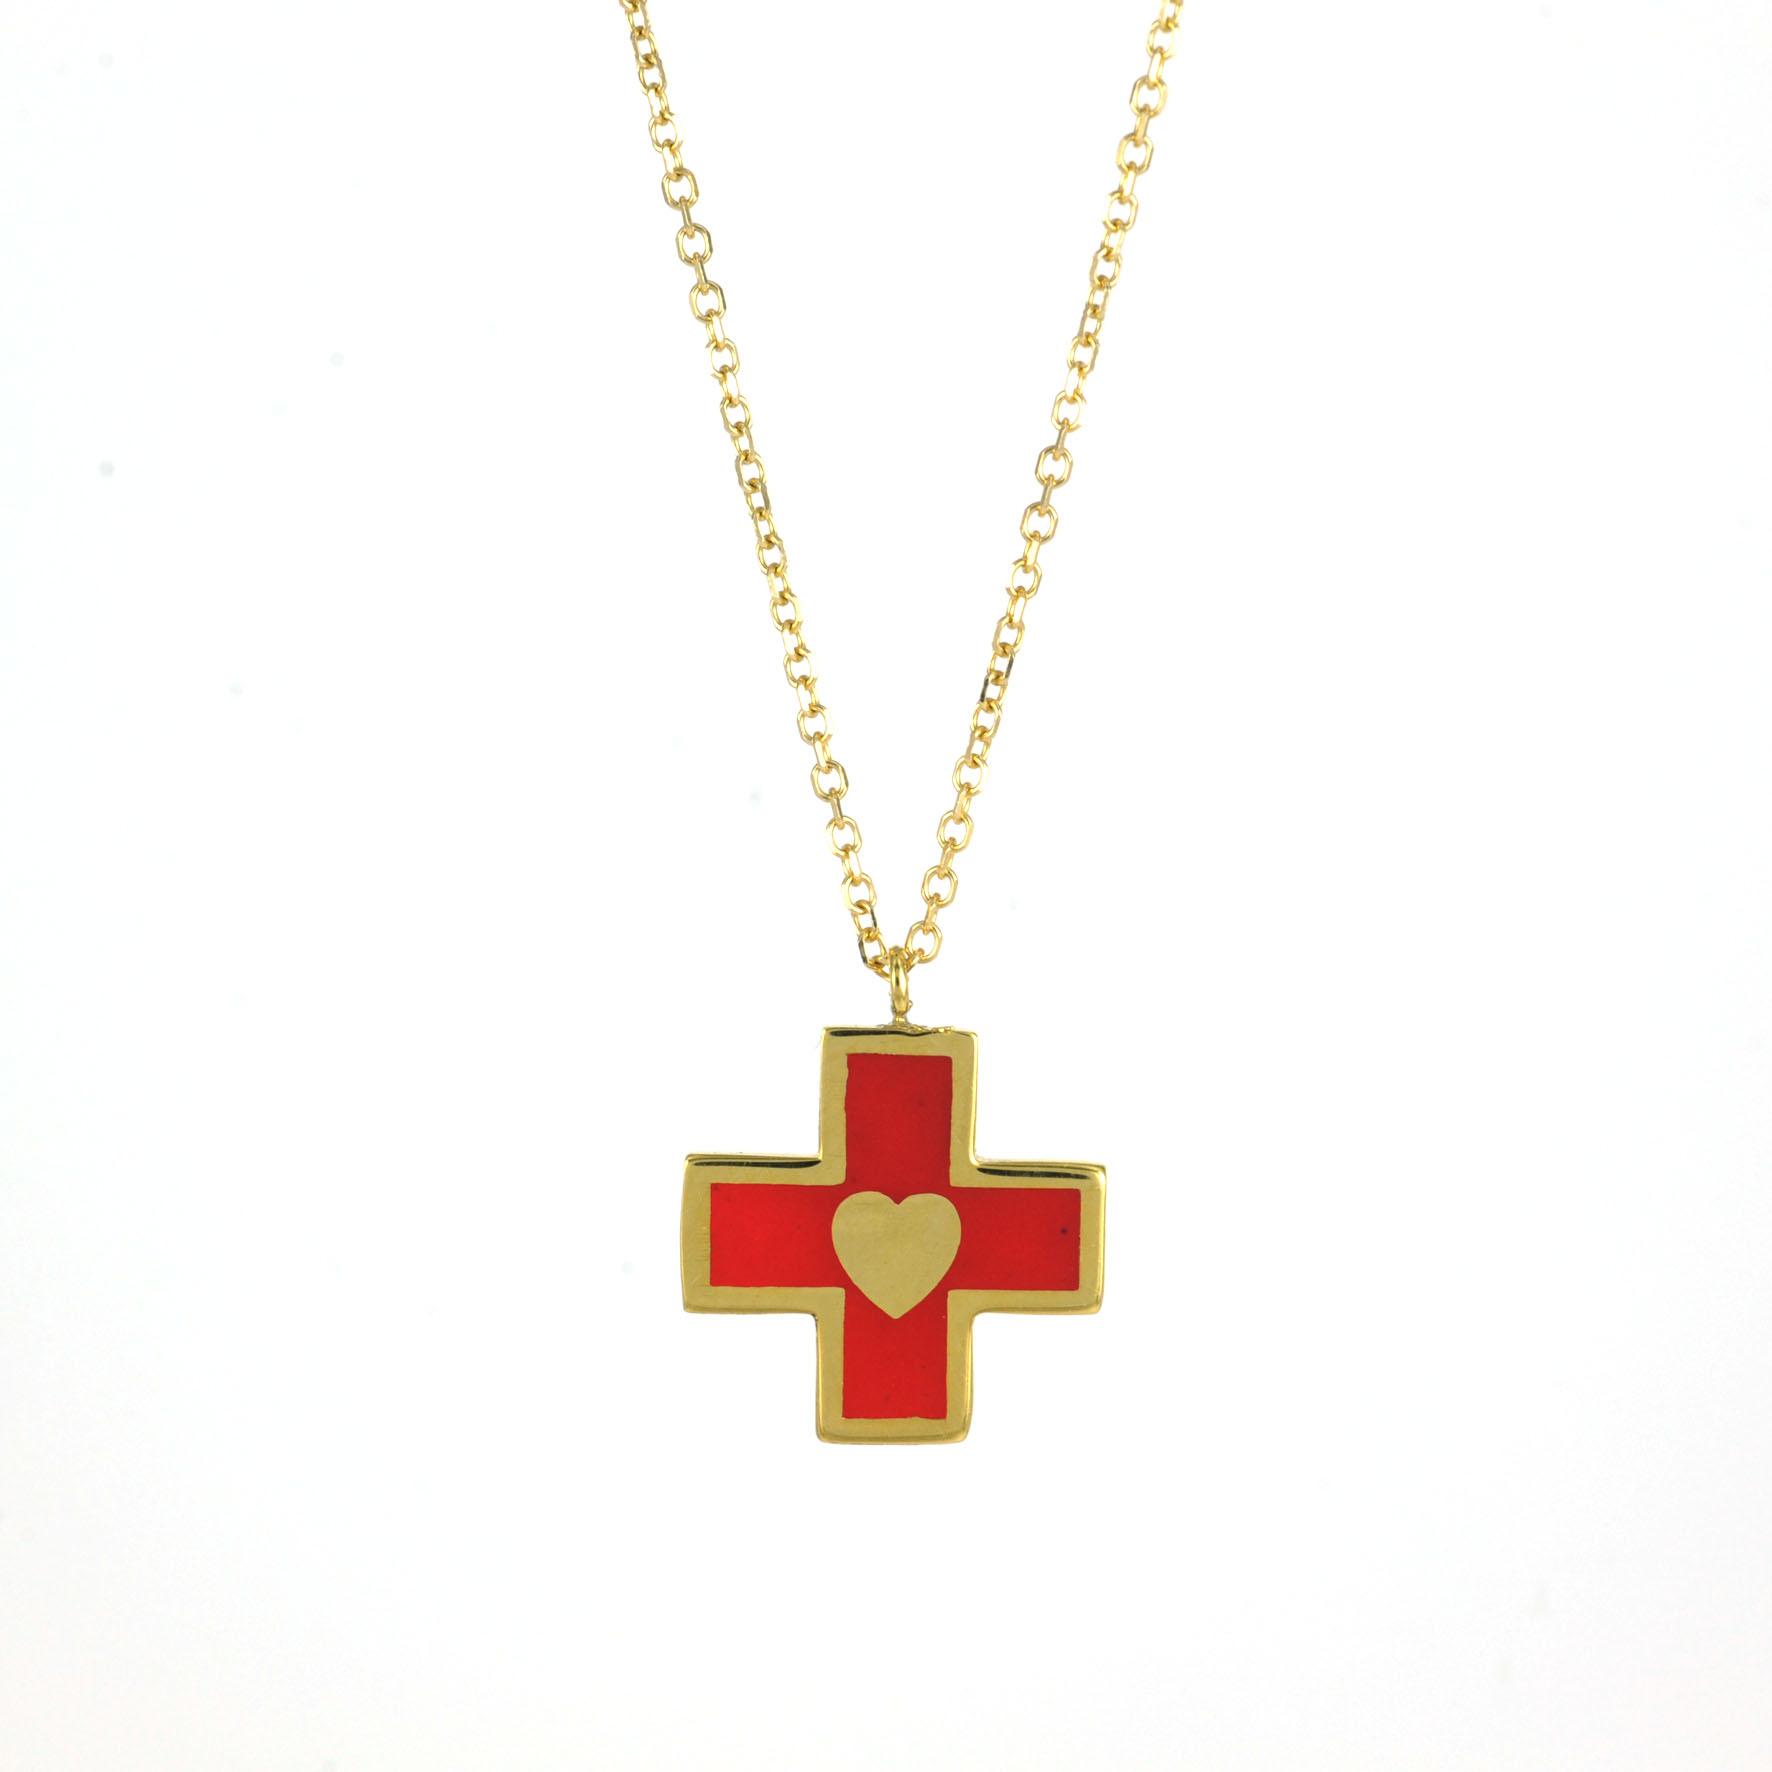 Χειροποίητος σταυρός καρδιά  29d0419ed10